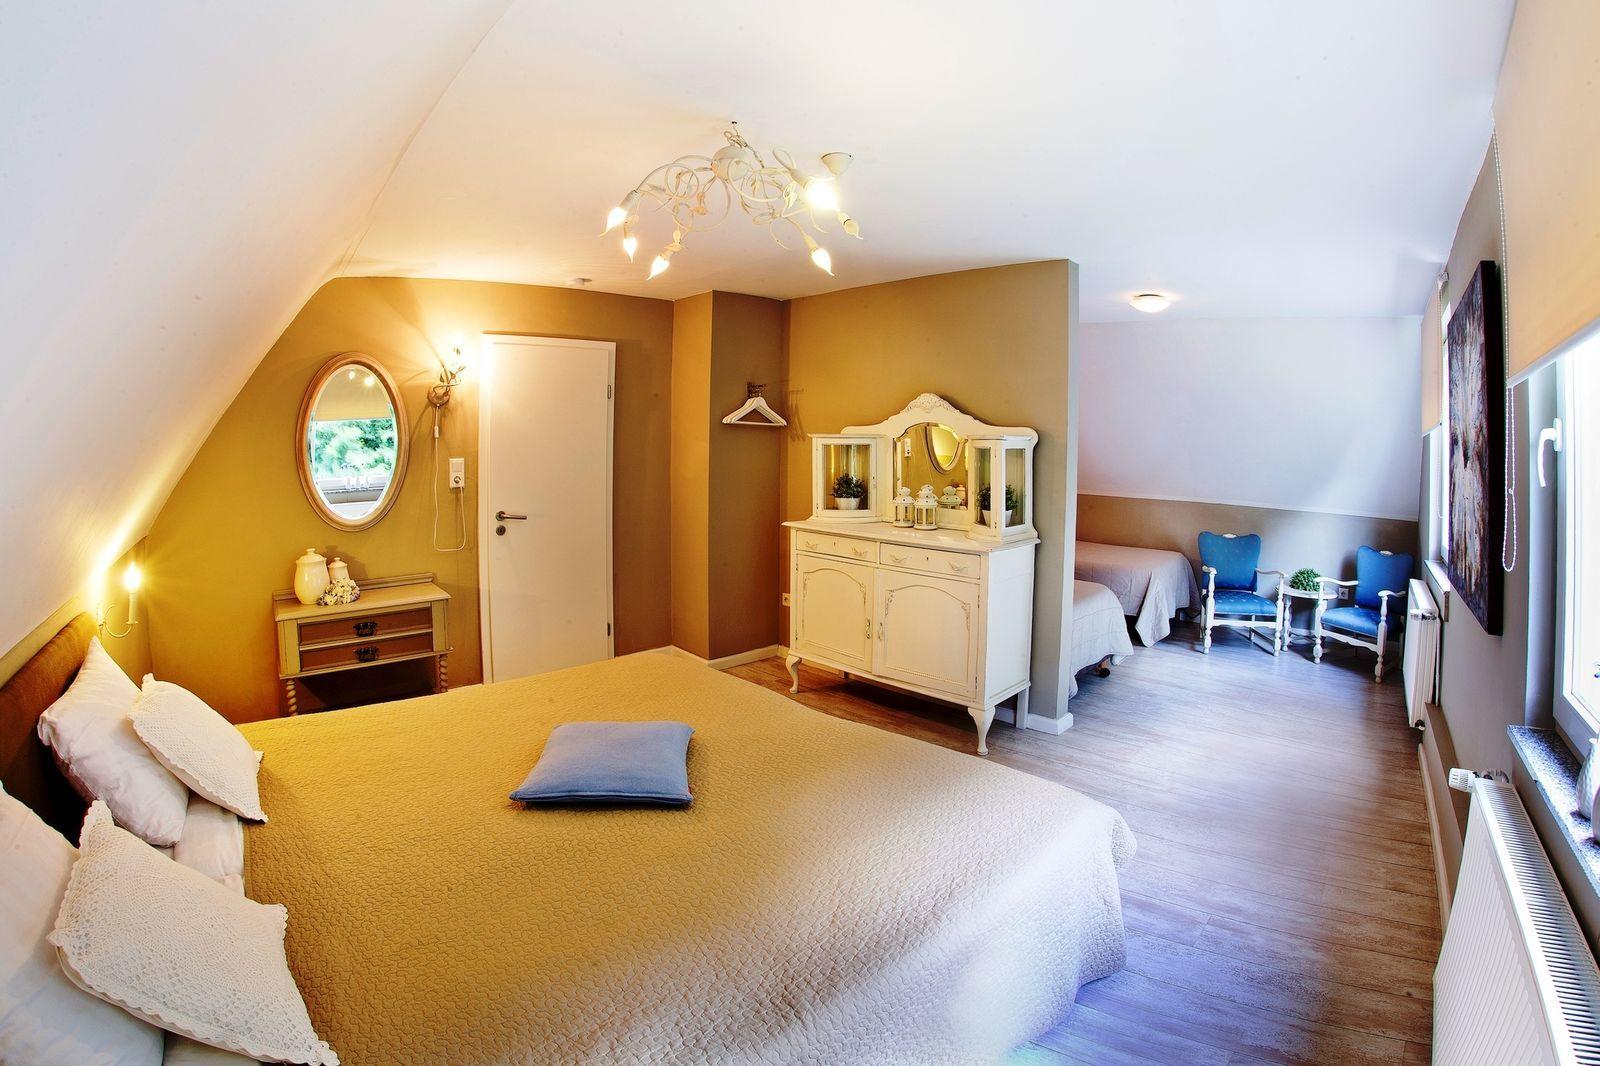 Huize Schutzbach XL - luxe vakantiehuis in de natuur van Duitsland